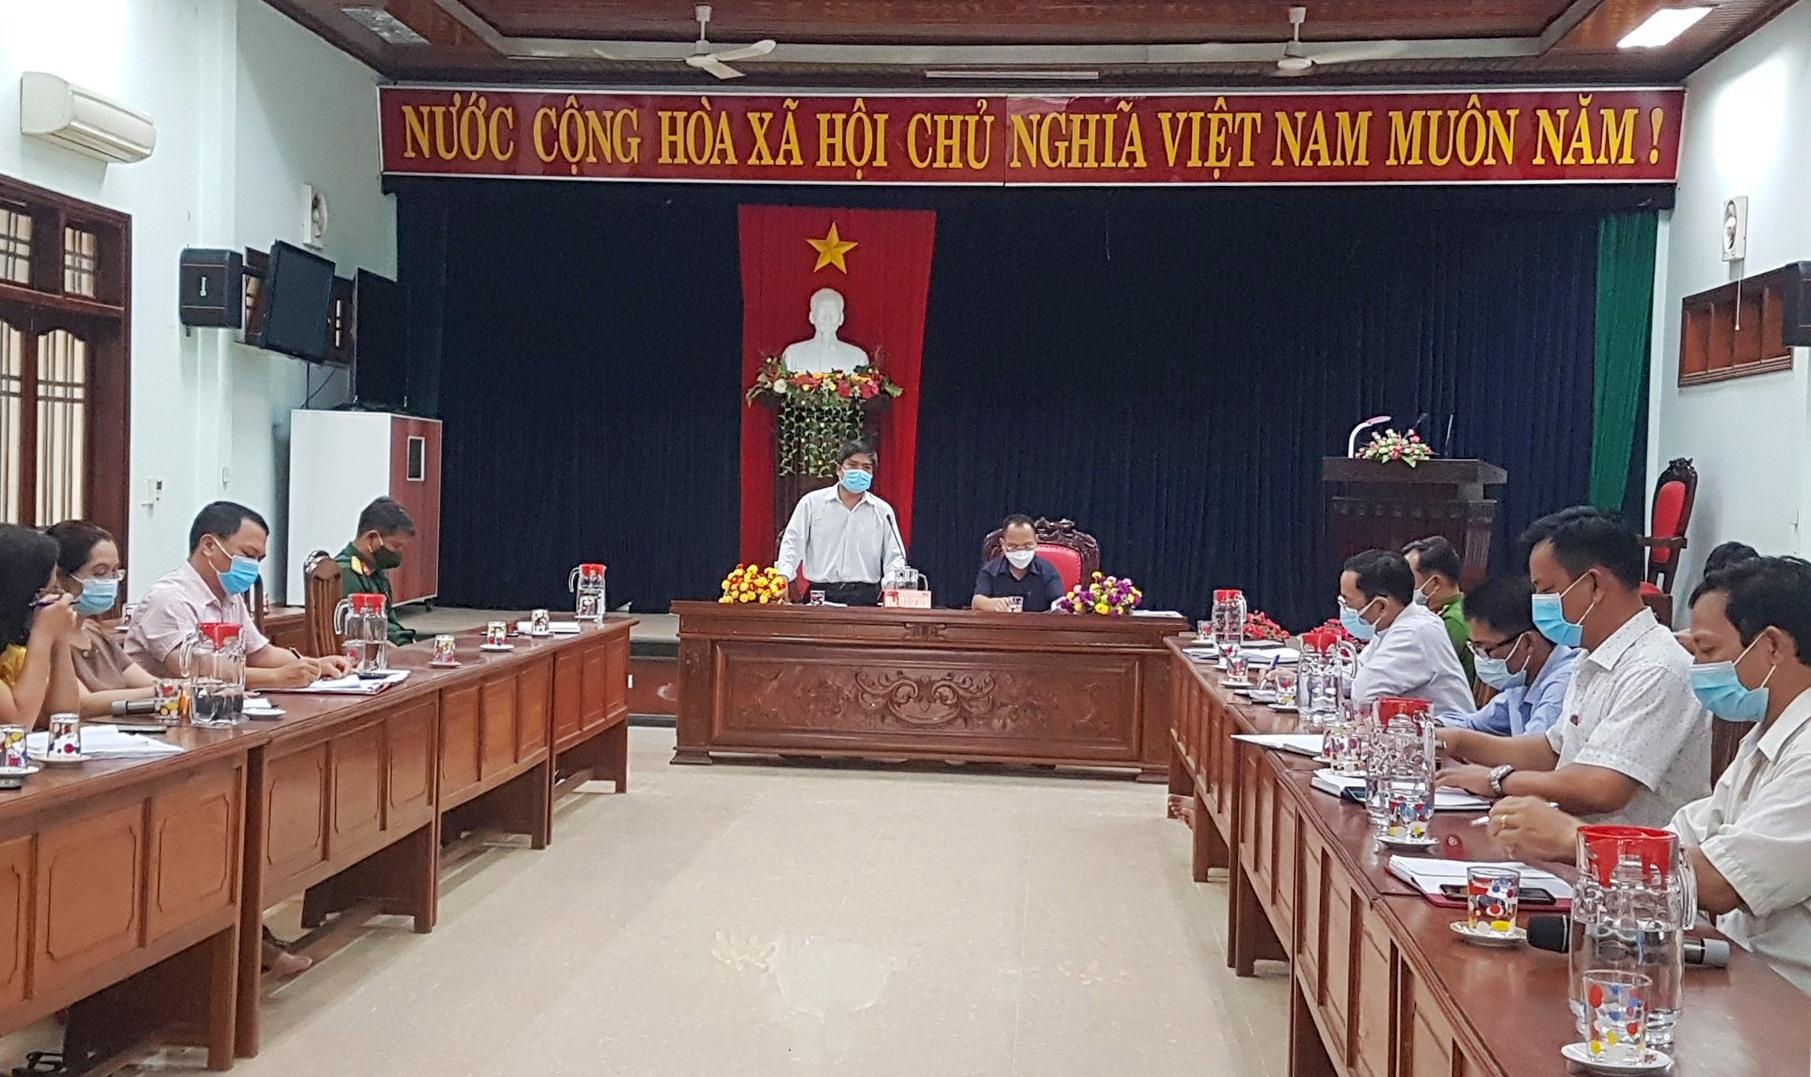 Ban Chỉ đạo phòng chống dịch bệnh Covid-19 huyện Phước Sơn họp khẩn trong chiều nay 4.8. Ảnh: D.L